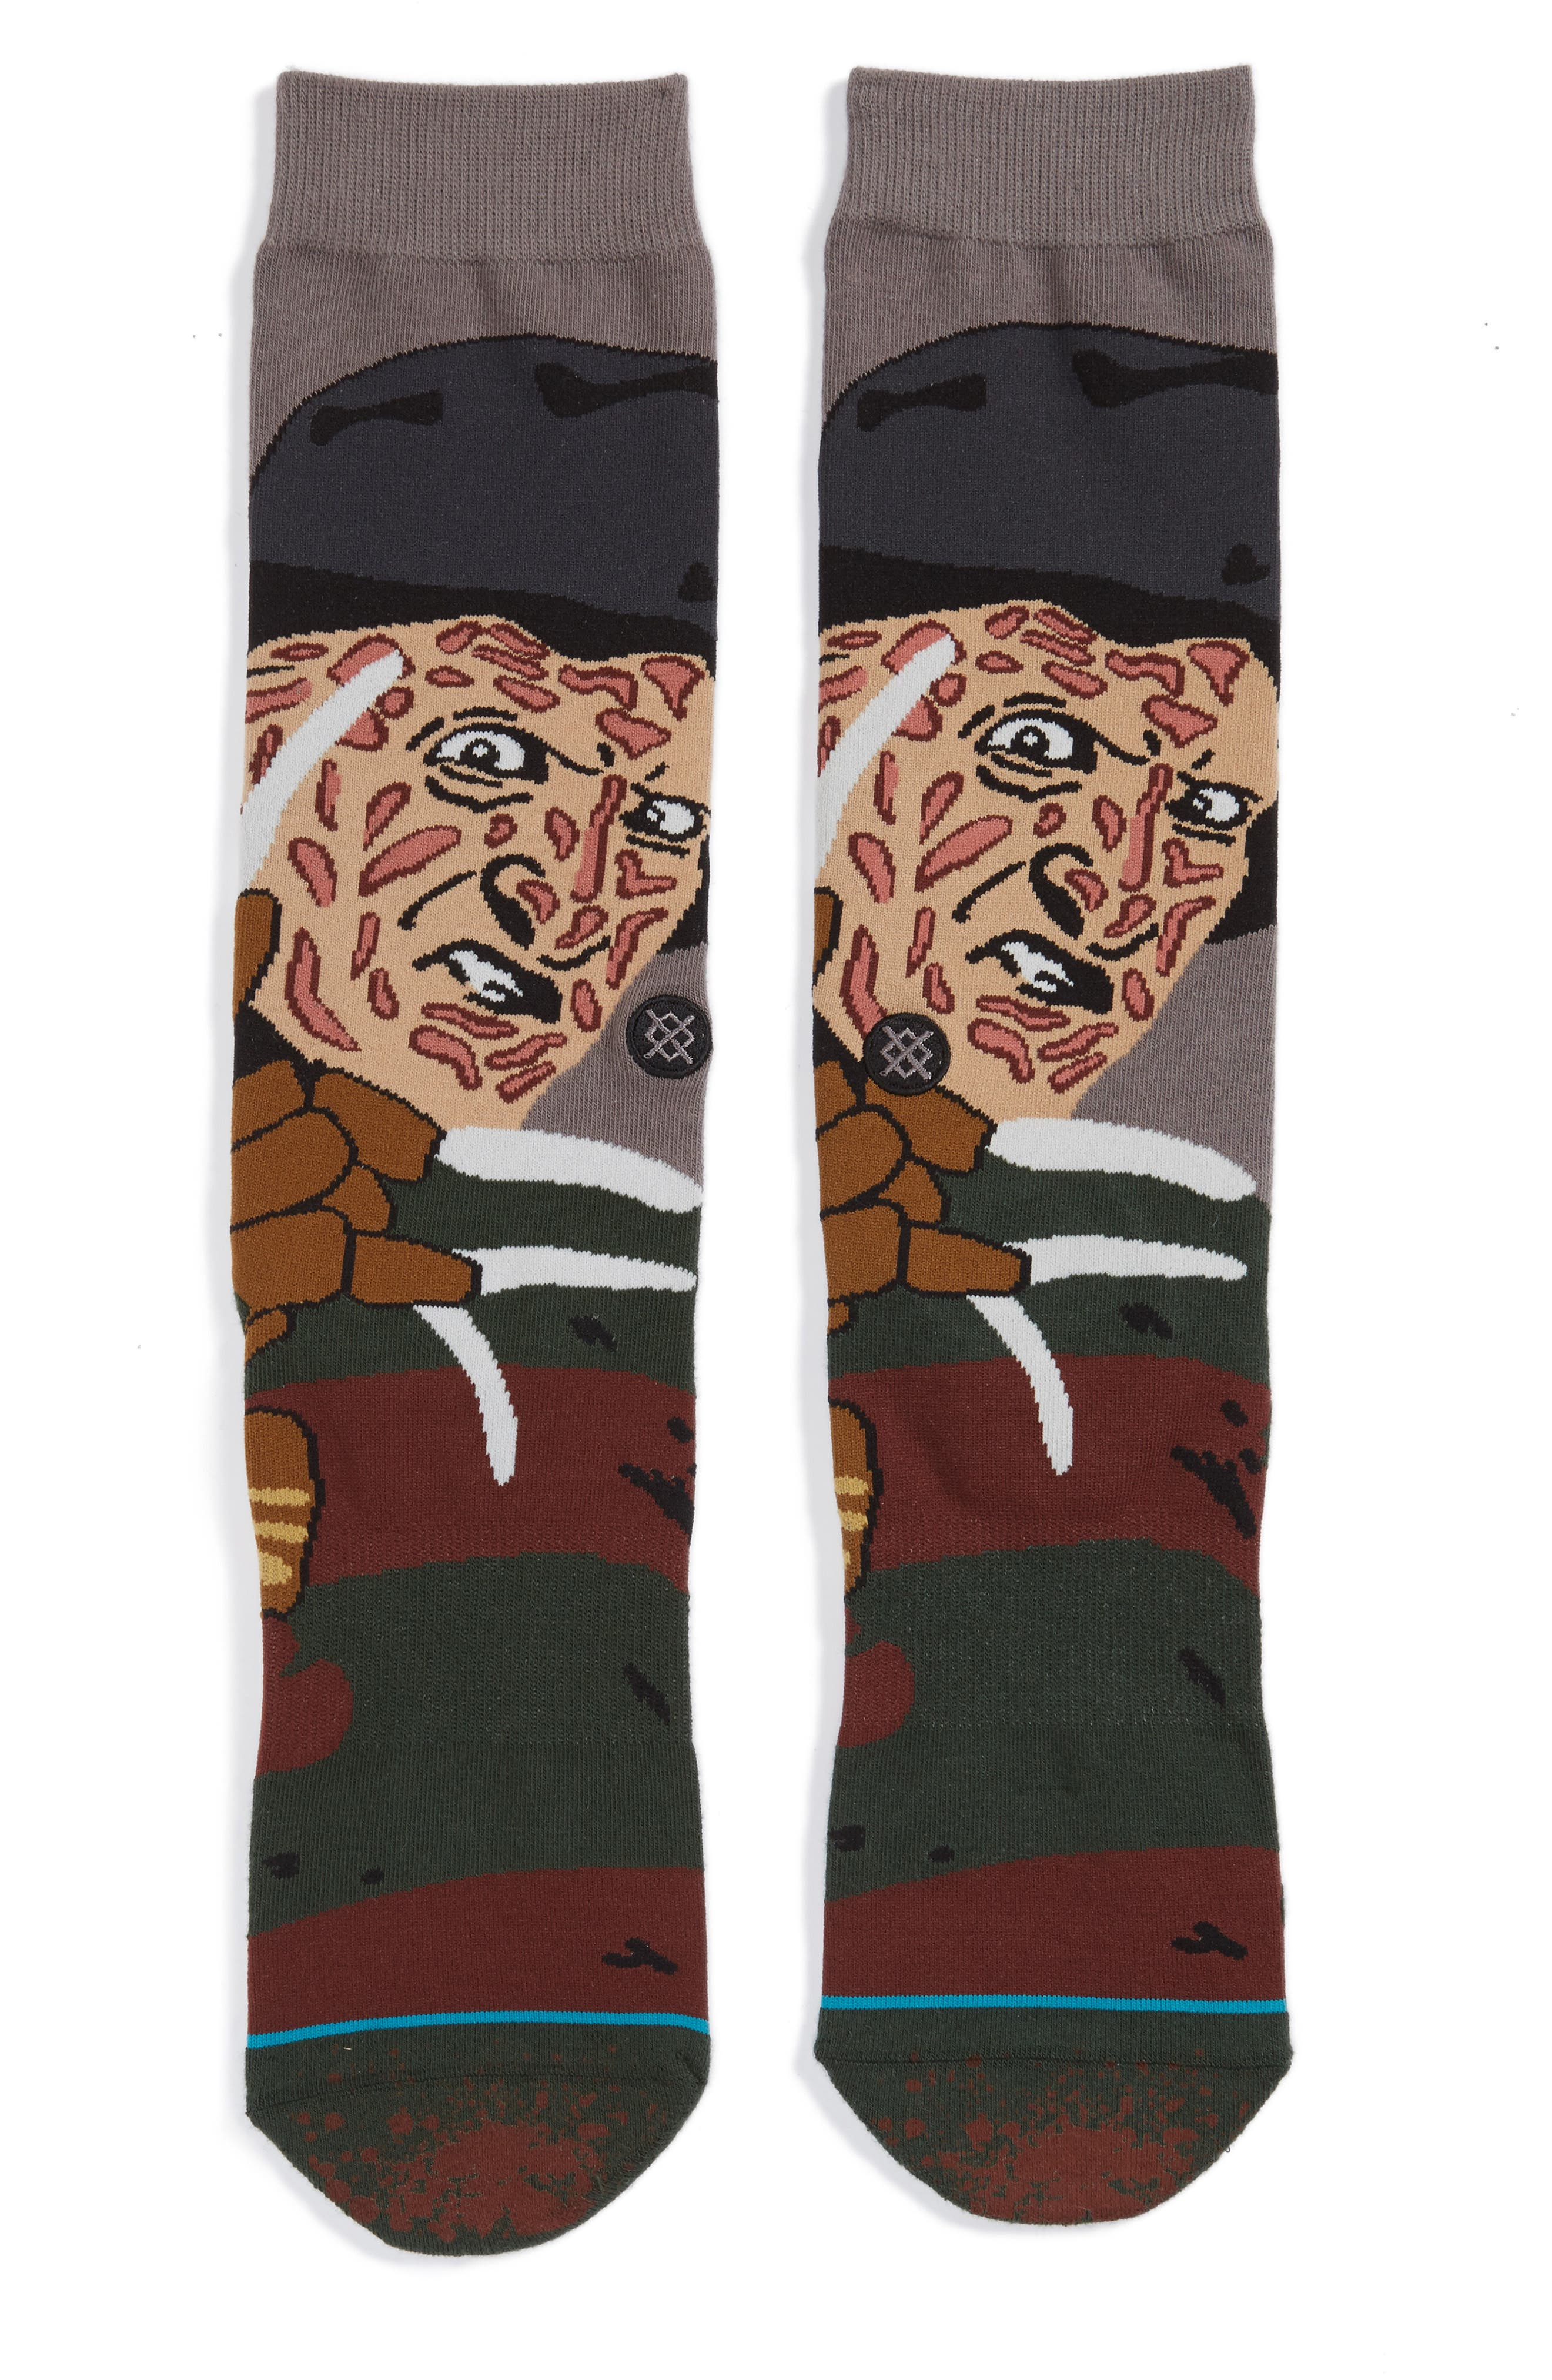 Freddy Krueger - Legends of Horror Socks,                         Main,                         color,